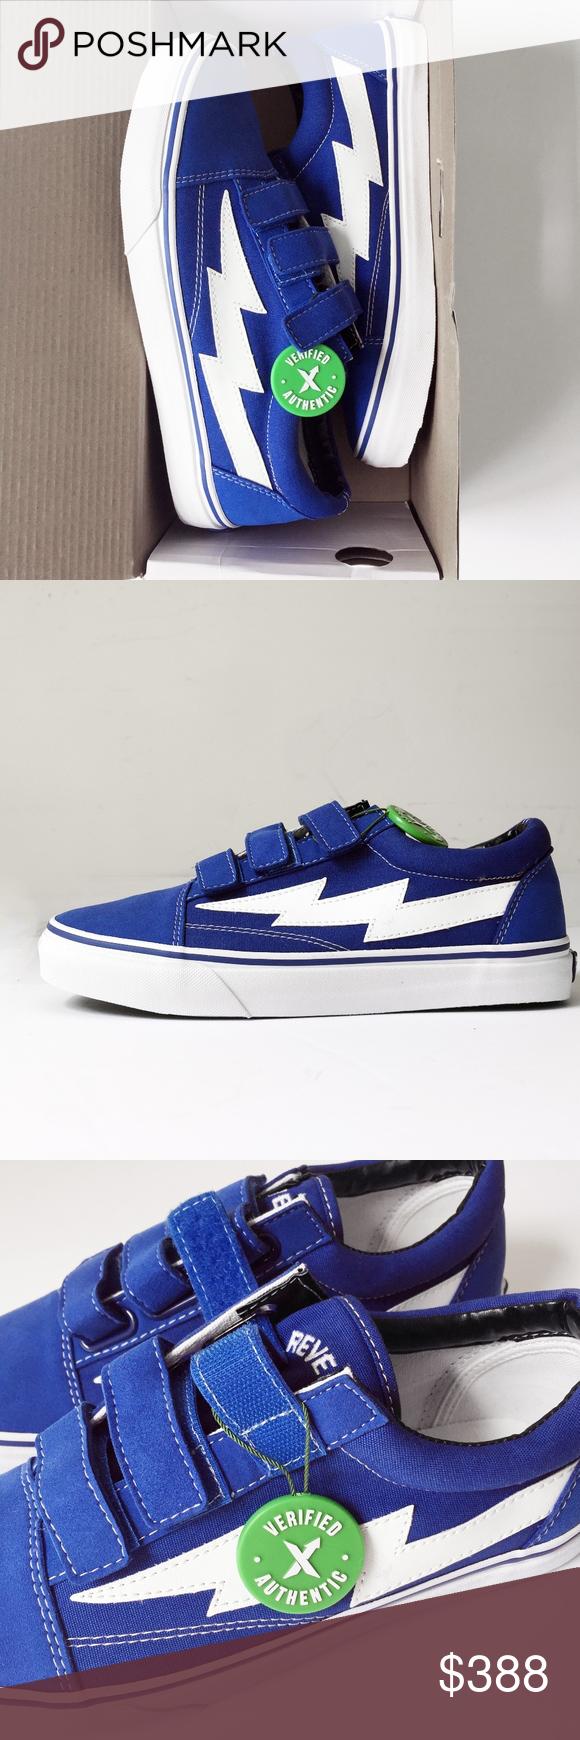 Revenge X Storm Ian Conner Vans Blue Velcro Shoe 9 Velcro Shoes Vans Blue Vans